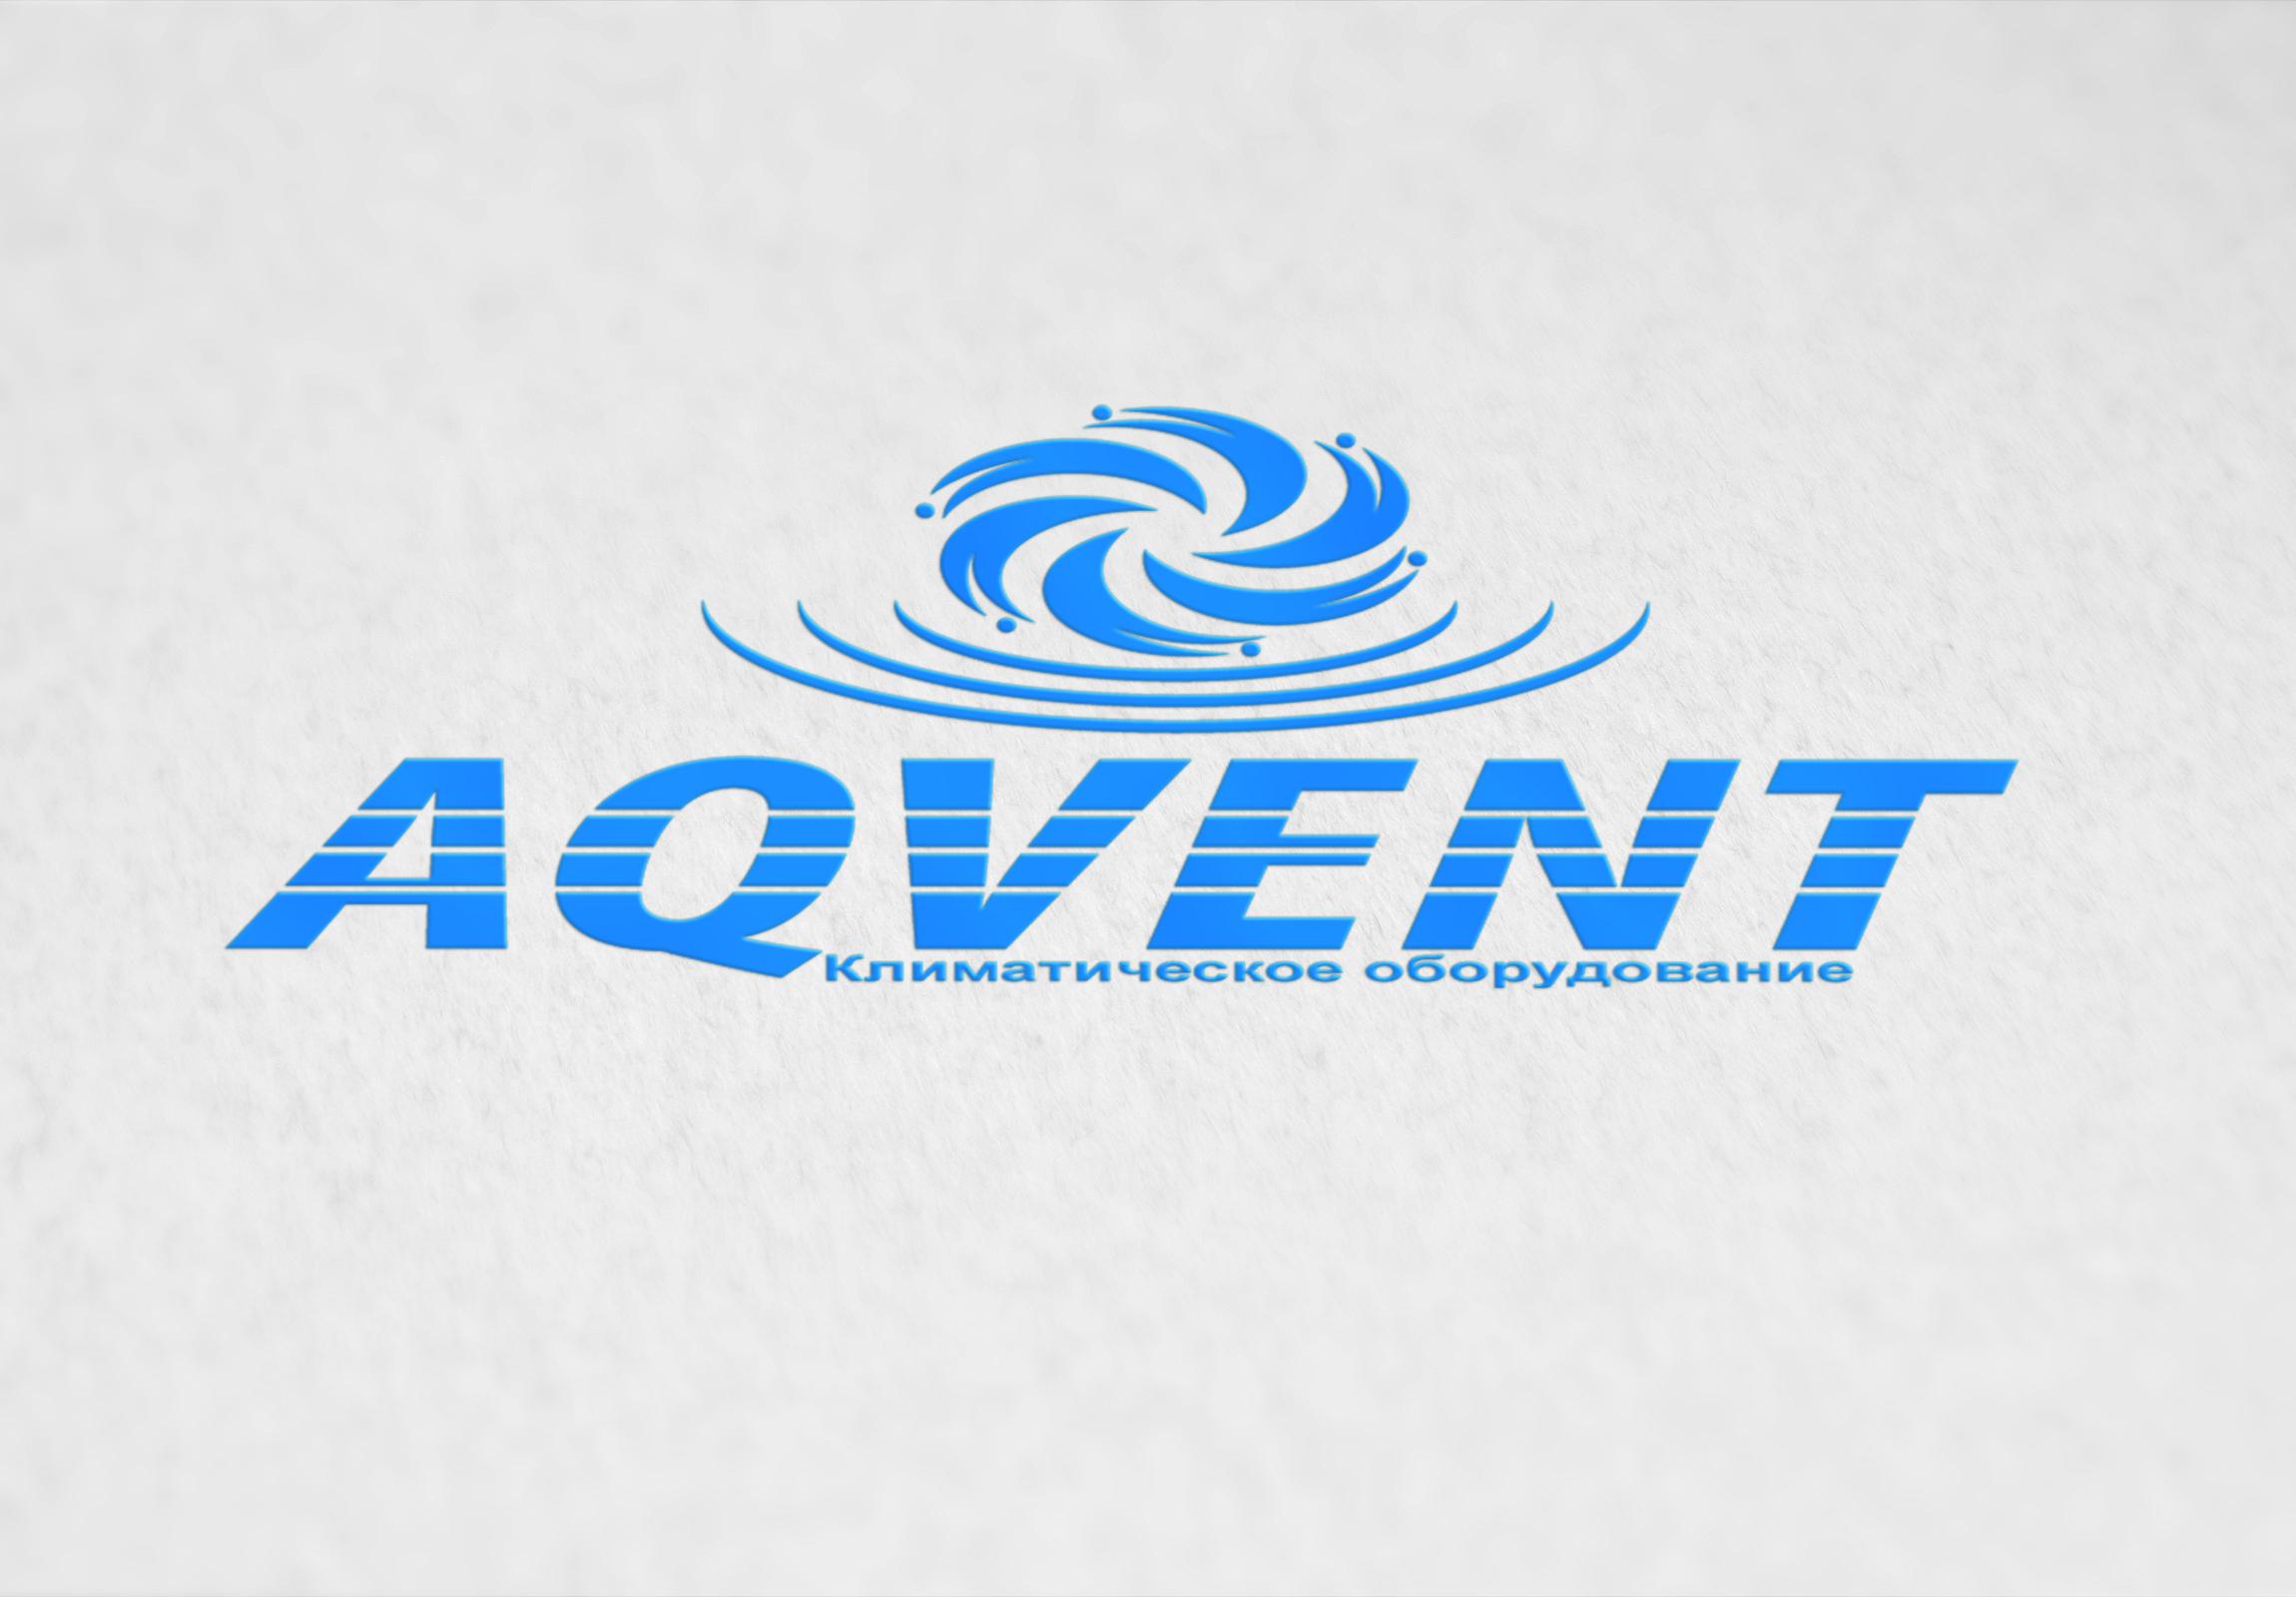 Логотип AQVENT фото f_783527cc7a0177c2.jpg